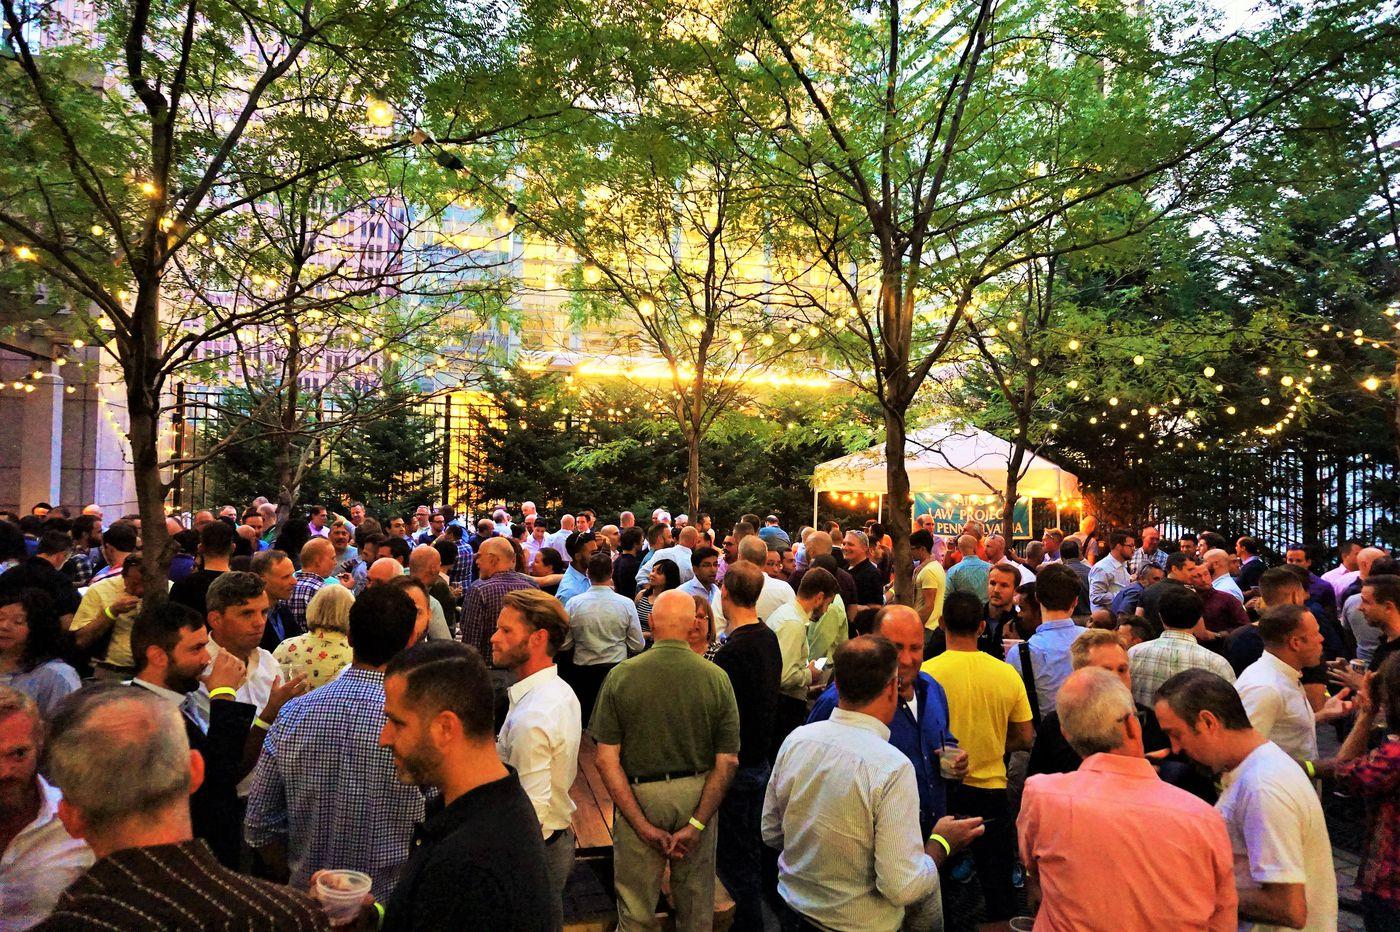 Uptown Beer Garden opens tonight